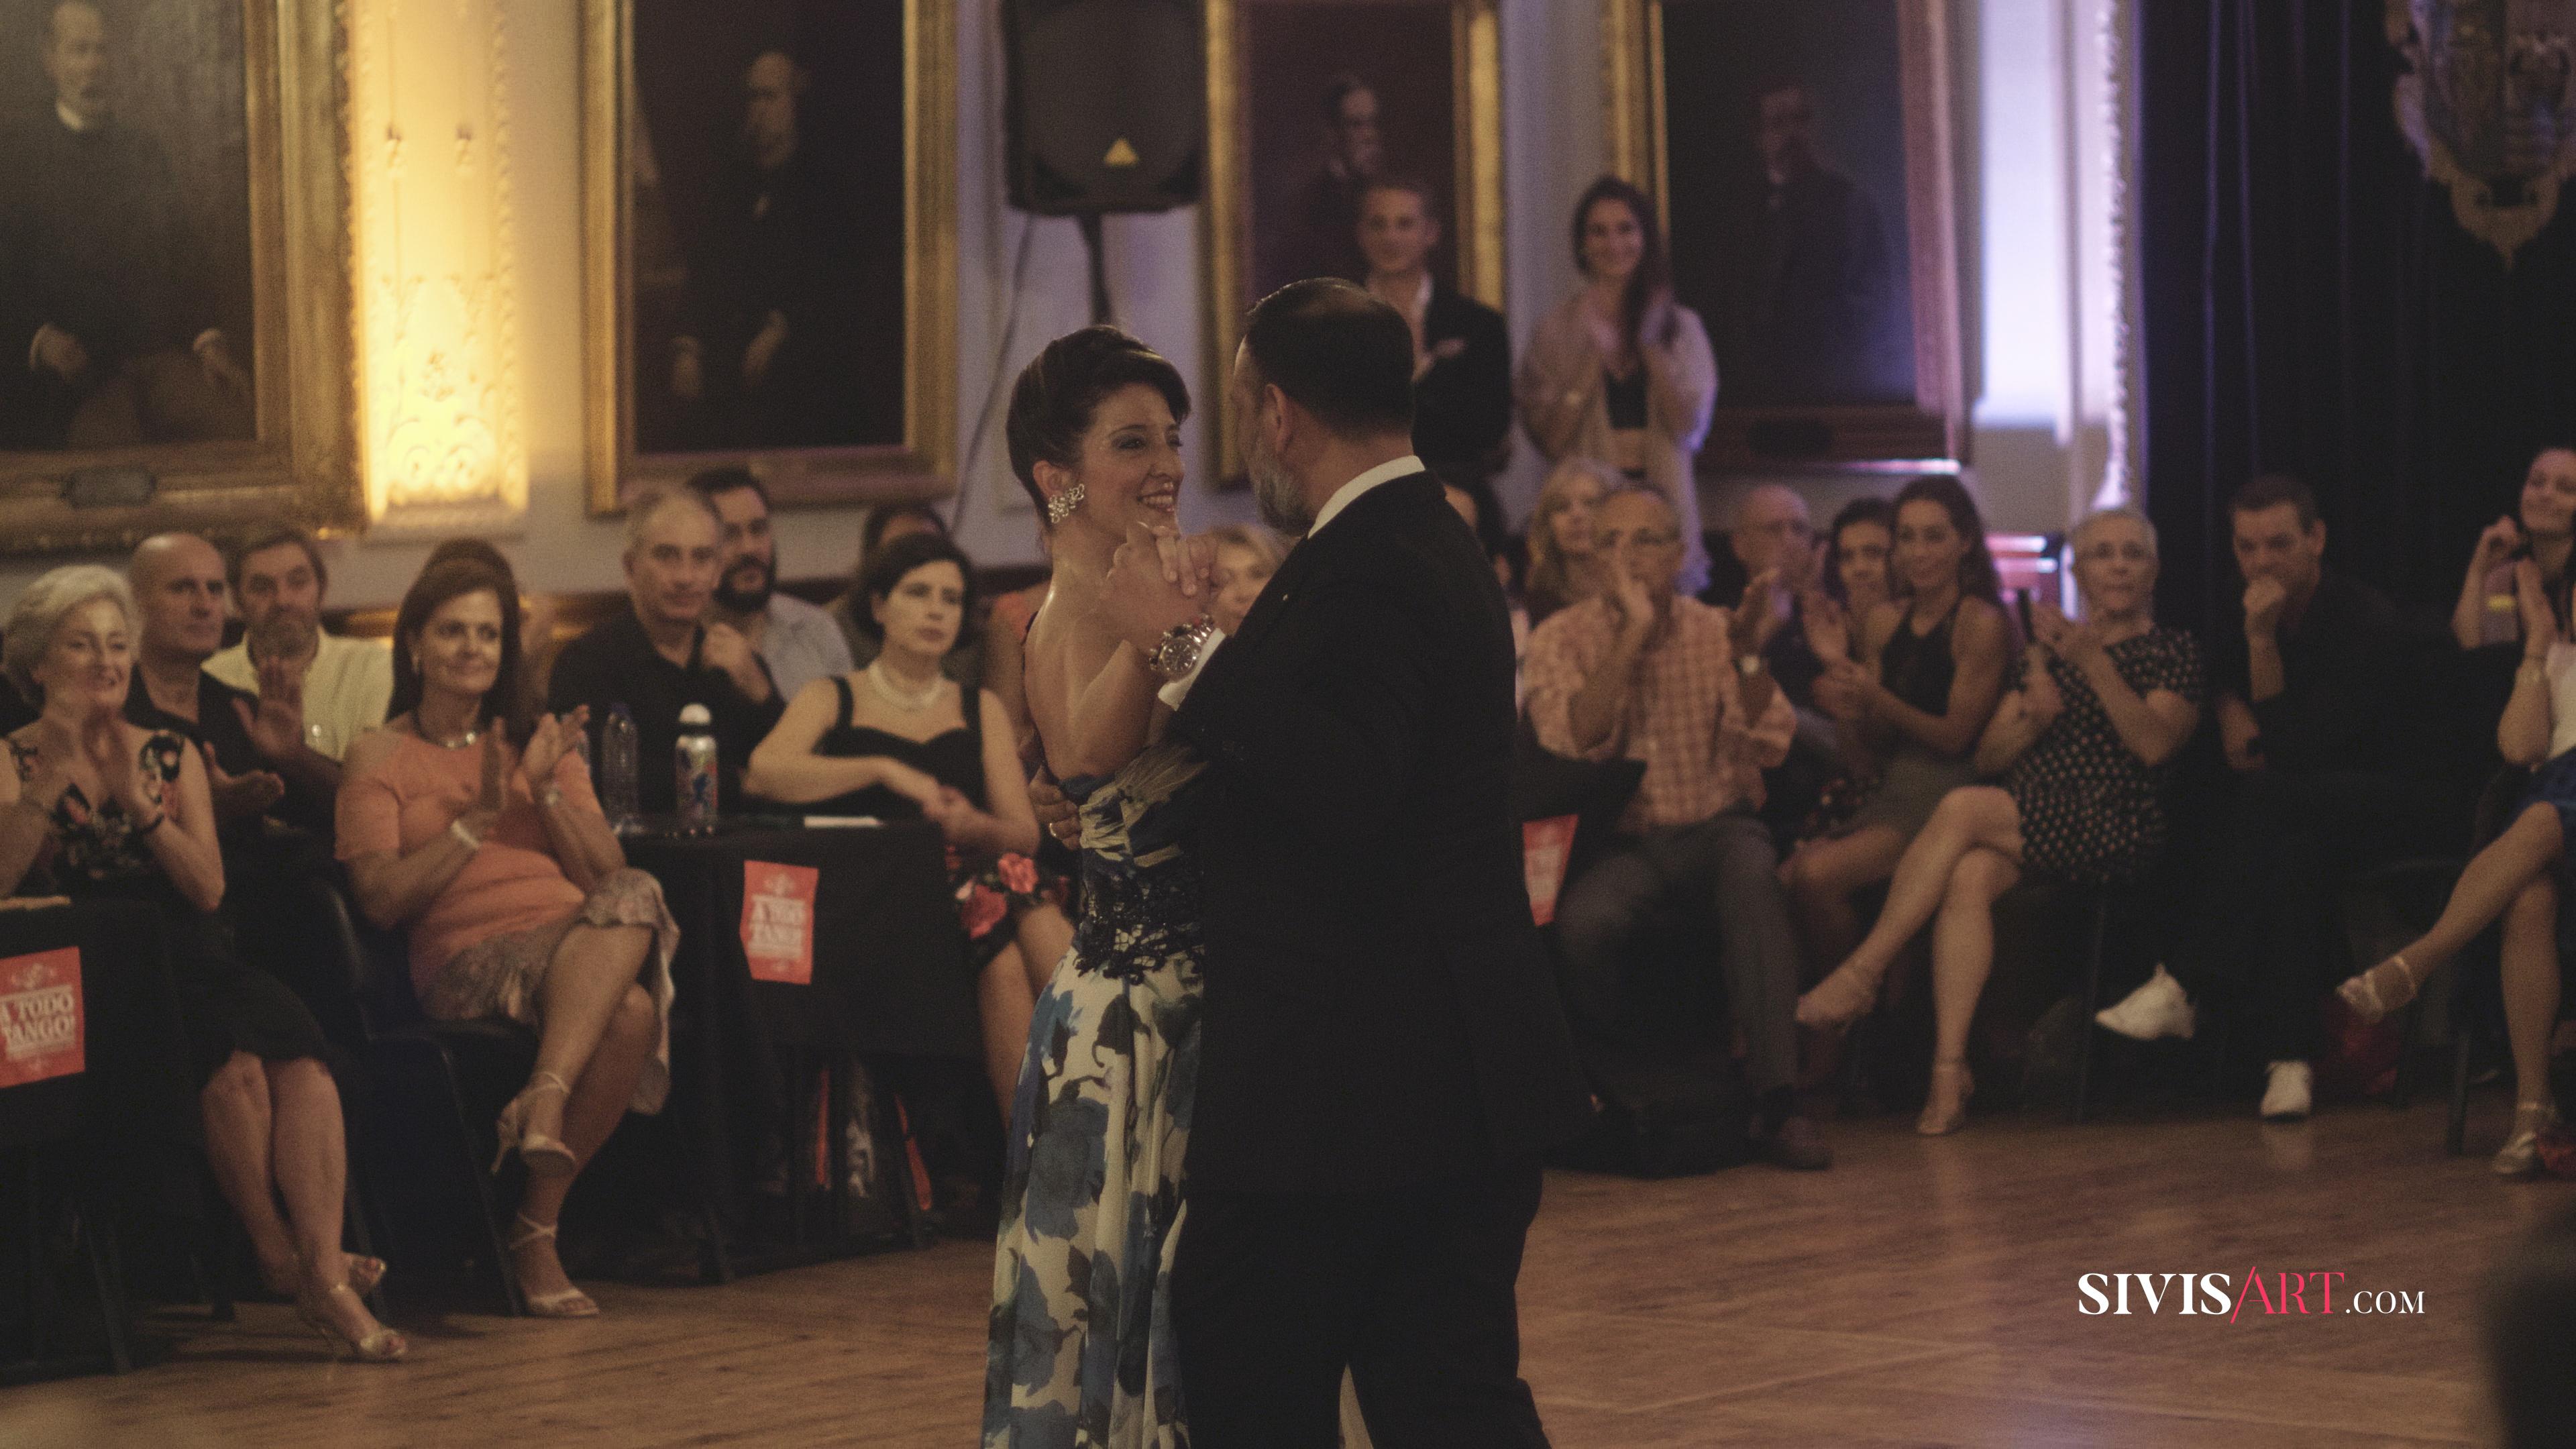 Sivis'art Videomaker presents  Josefina Bermudez & Fabian Peralta